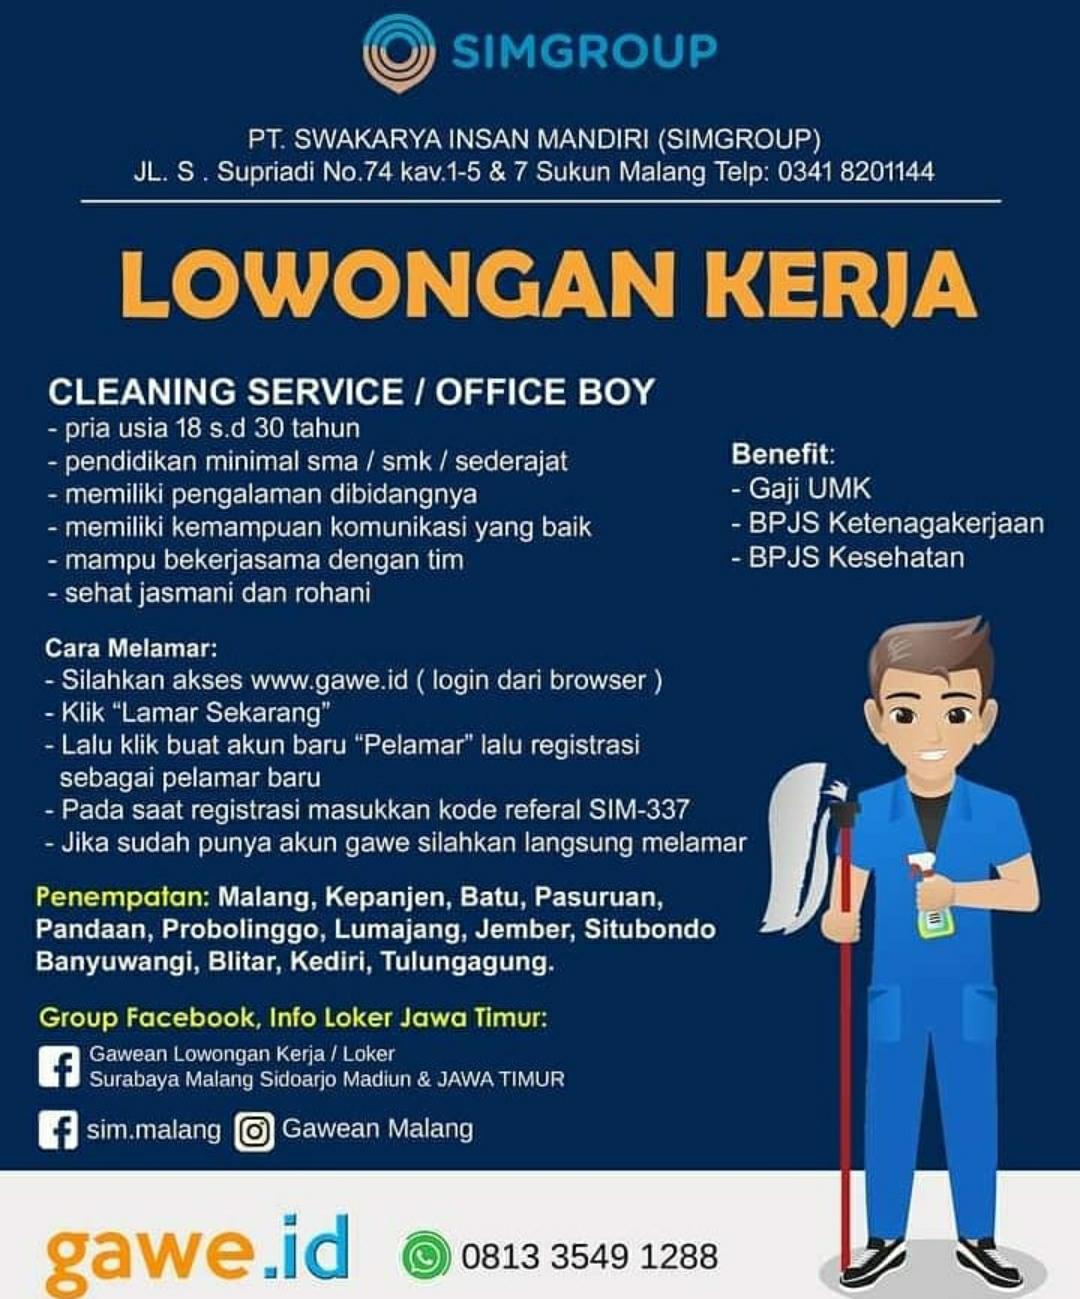 Get Lowongan Kerja Cleaning Service 2021 Gif